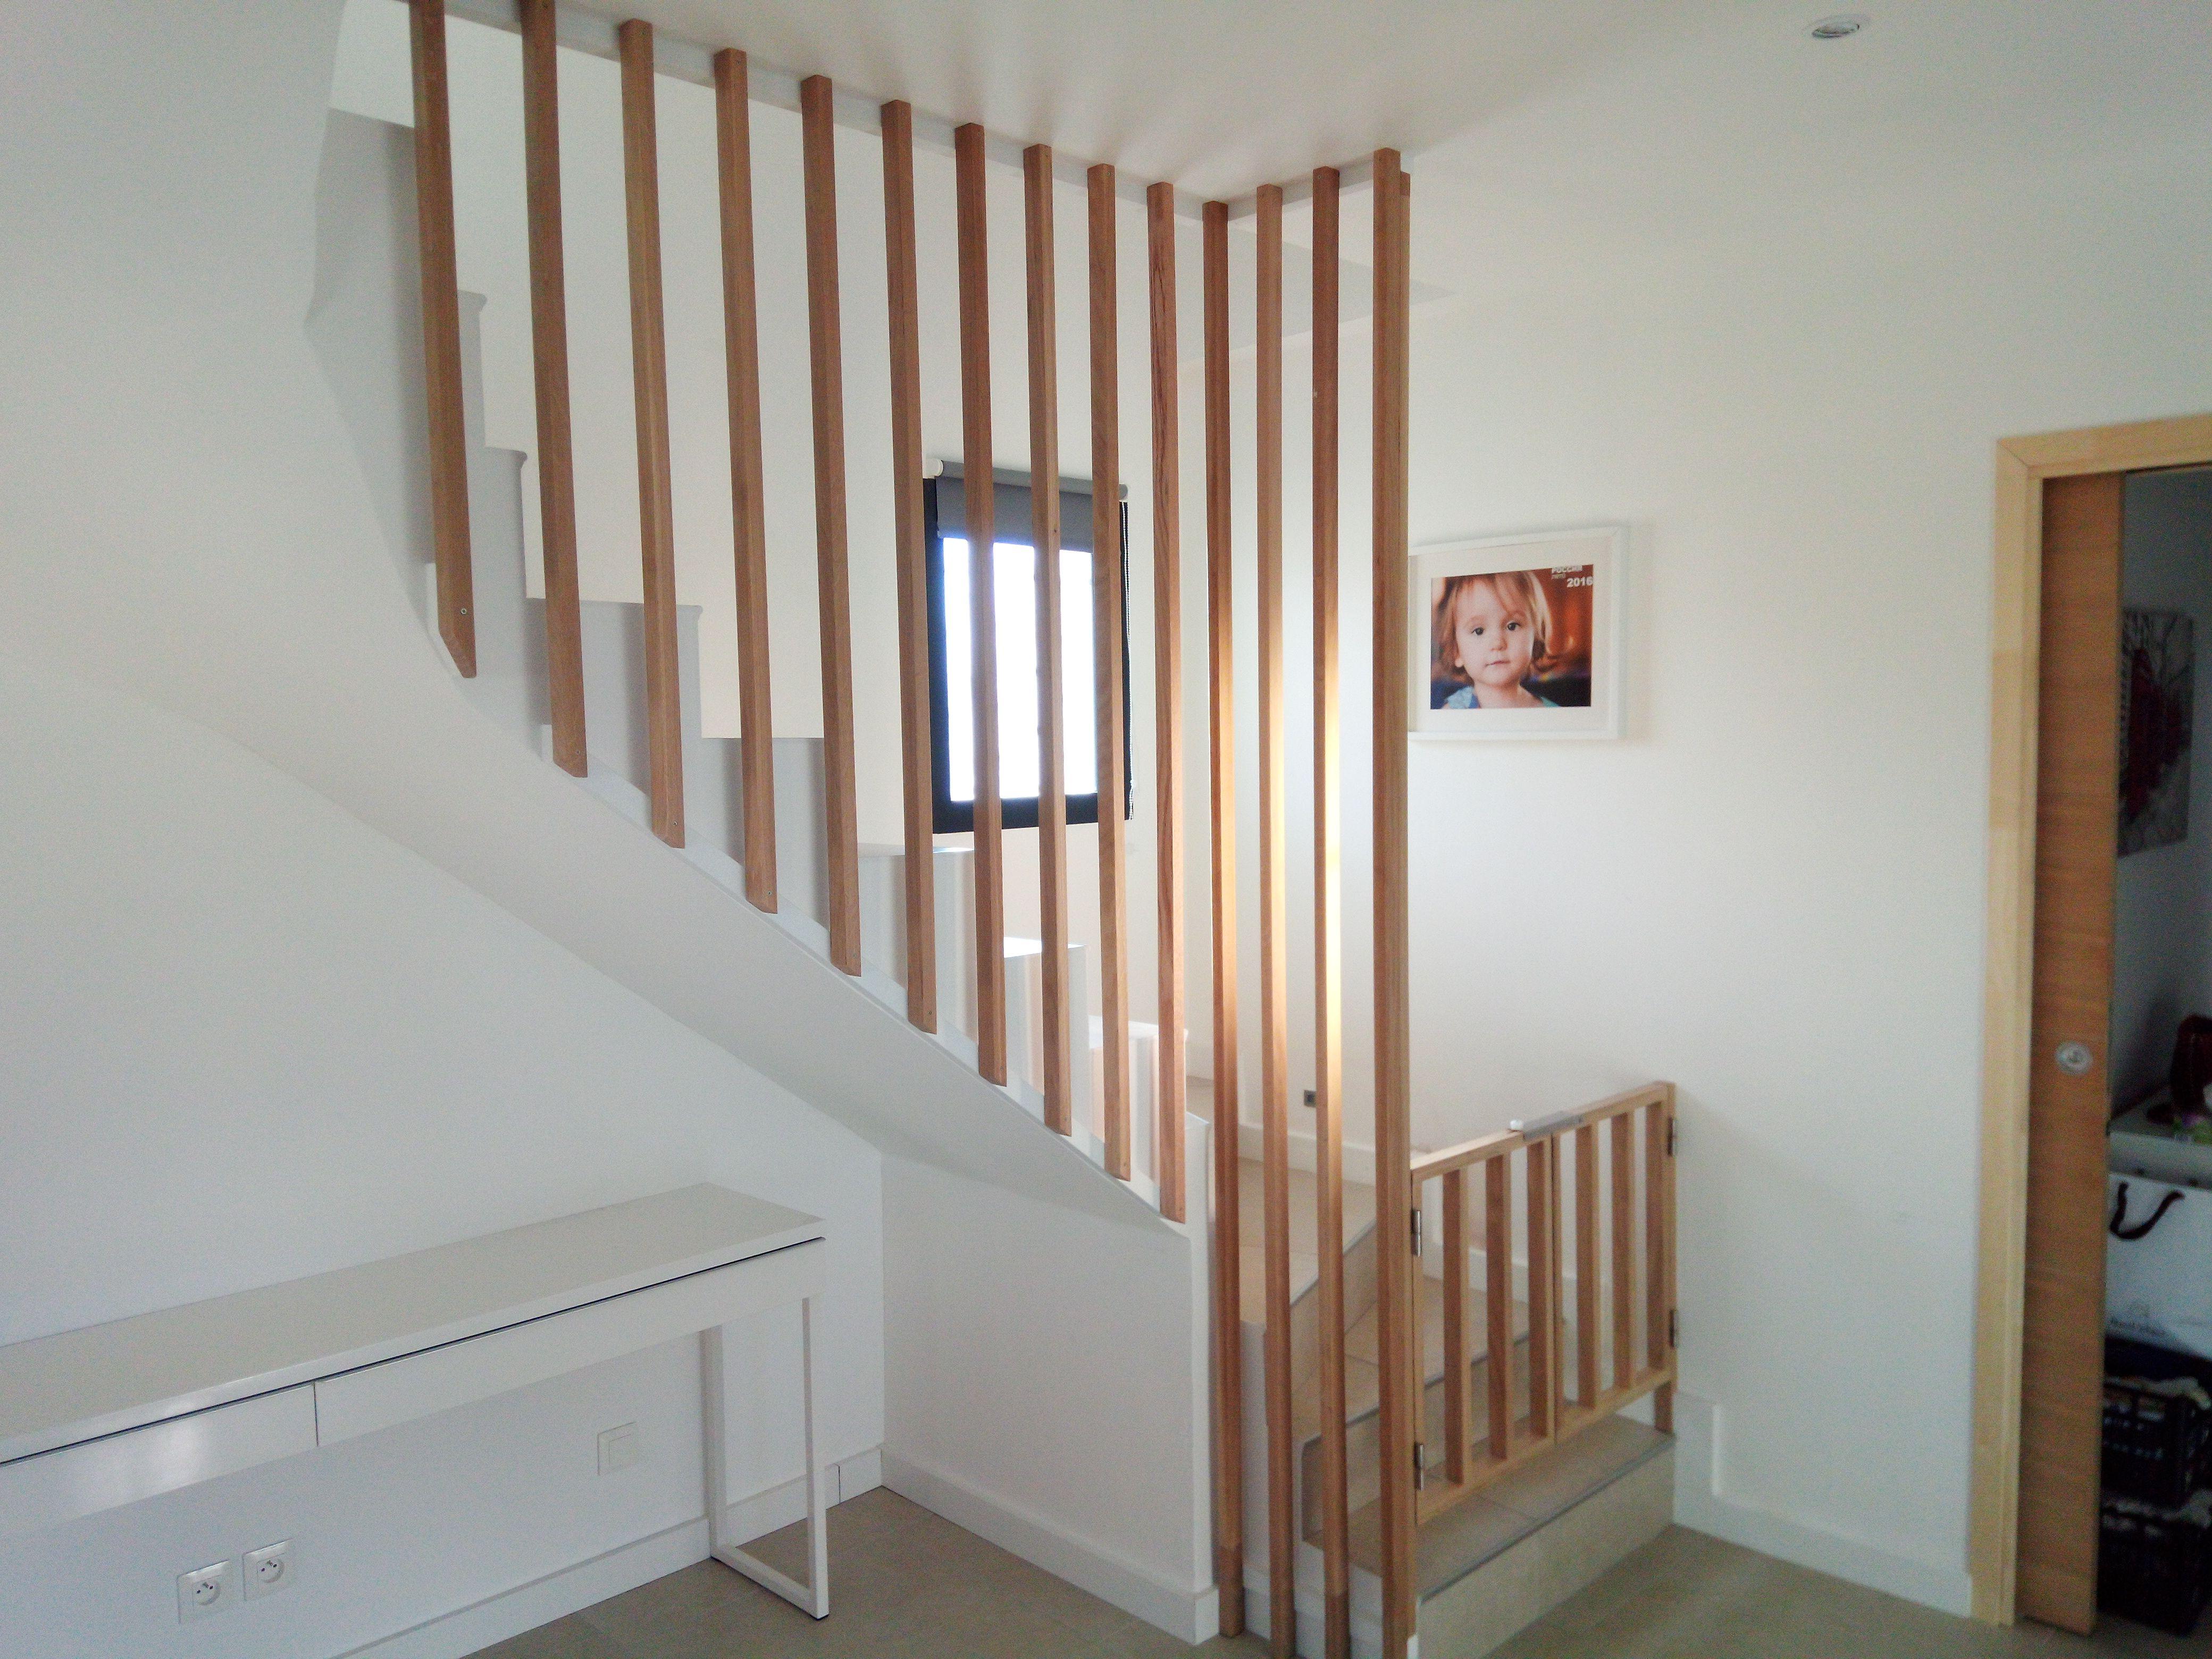 Epingle Sur Escaleras